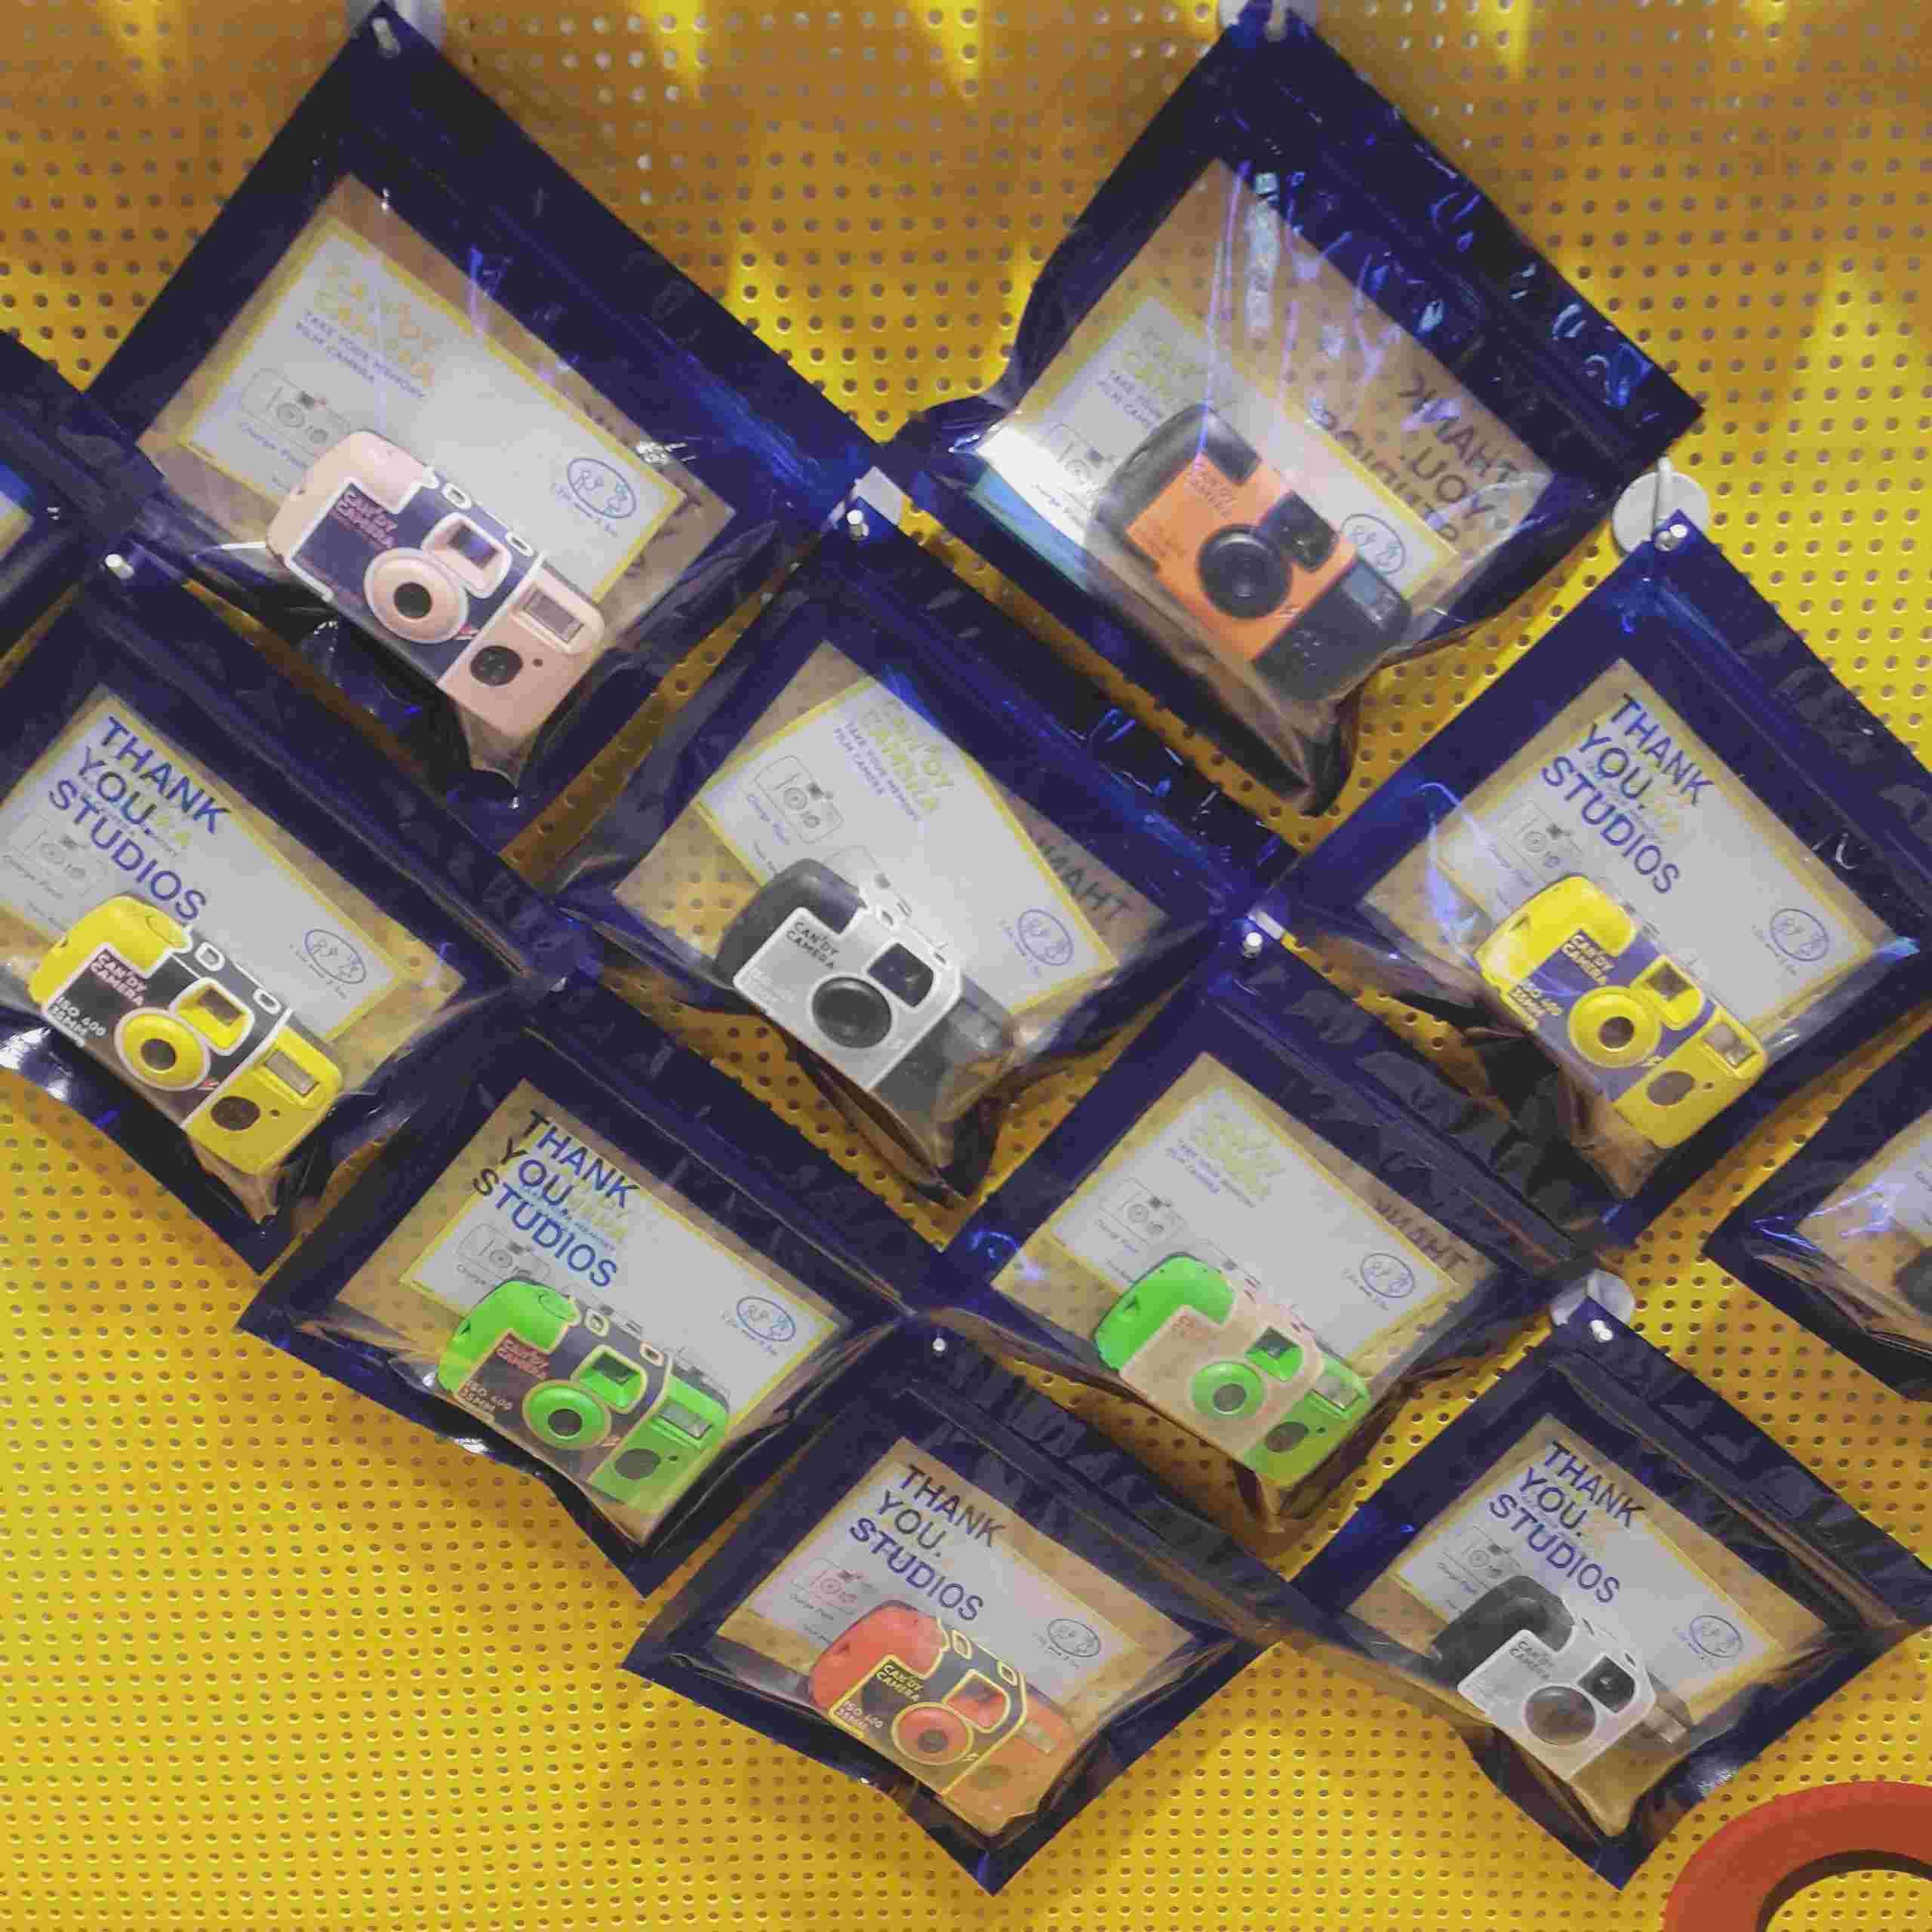 一次性膠片機的顏色多達10種,大家可以按自己的風格選擇適合自己的。每台相機內含可拍40張的膠卷!價格為25000韓幣